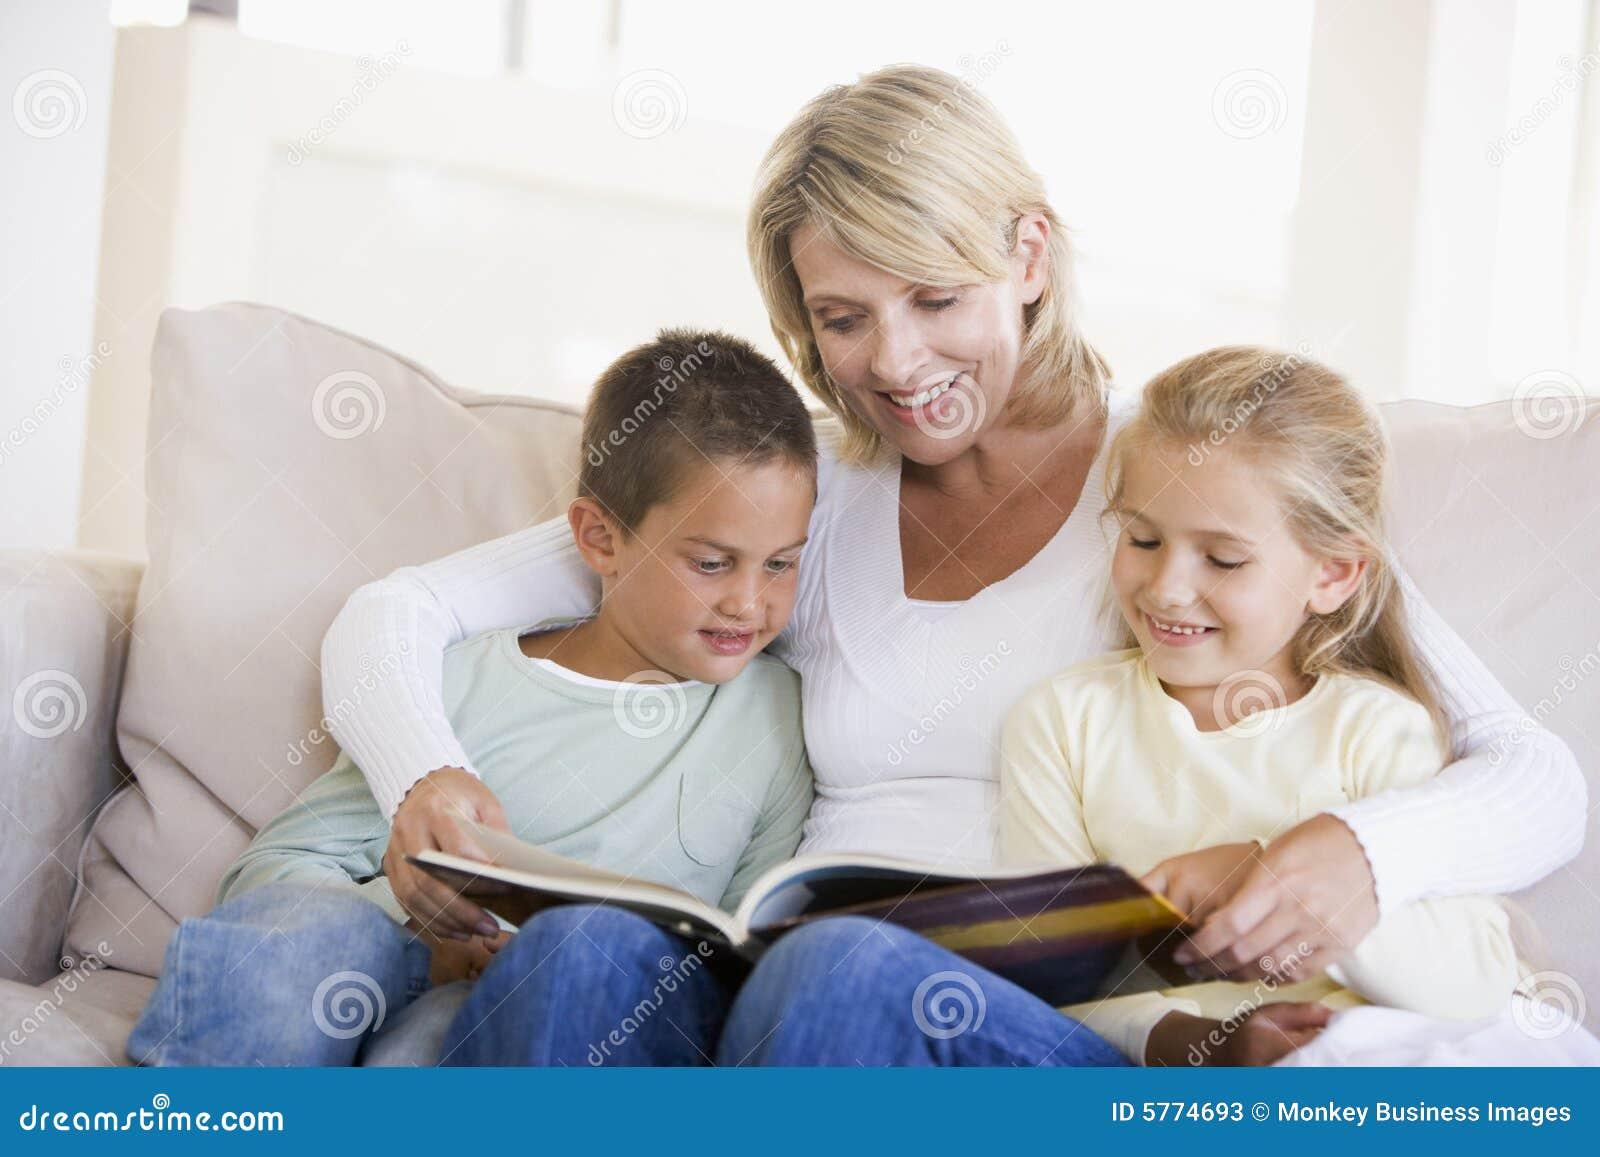 frau und zwei kinder die im wohnzimmer sitzen stockfotos bild 5774693. Black Bedroom Furniture Sets. Home Design Ideas